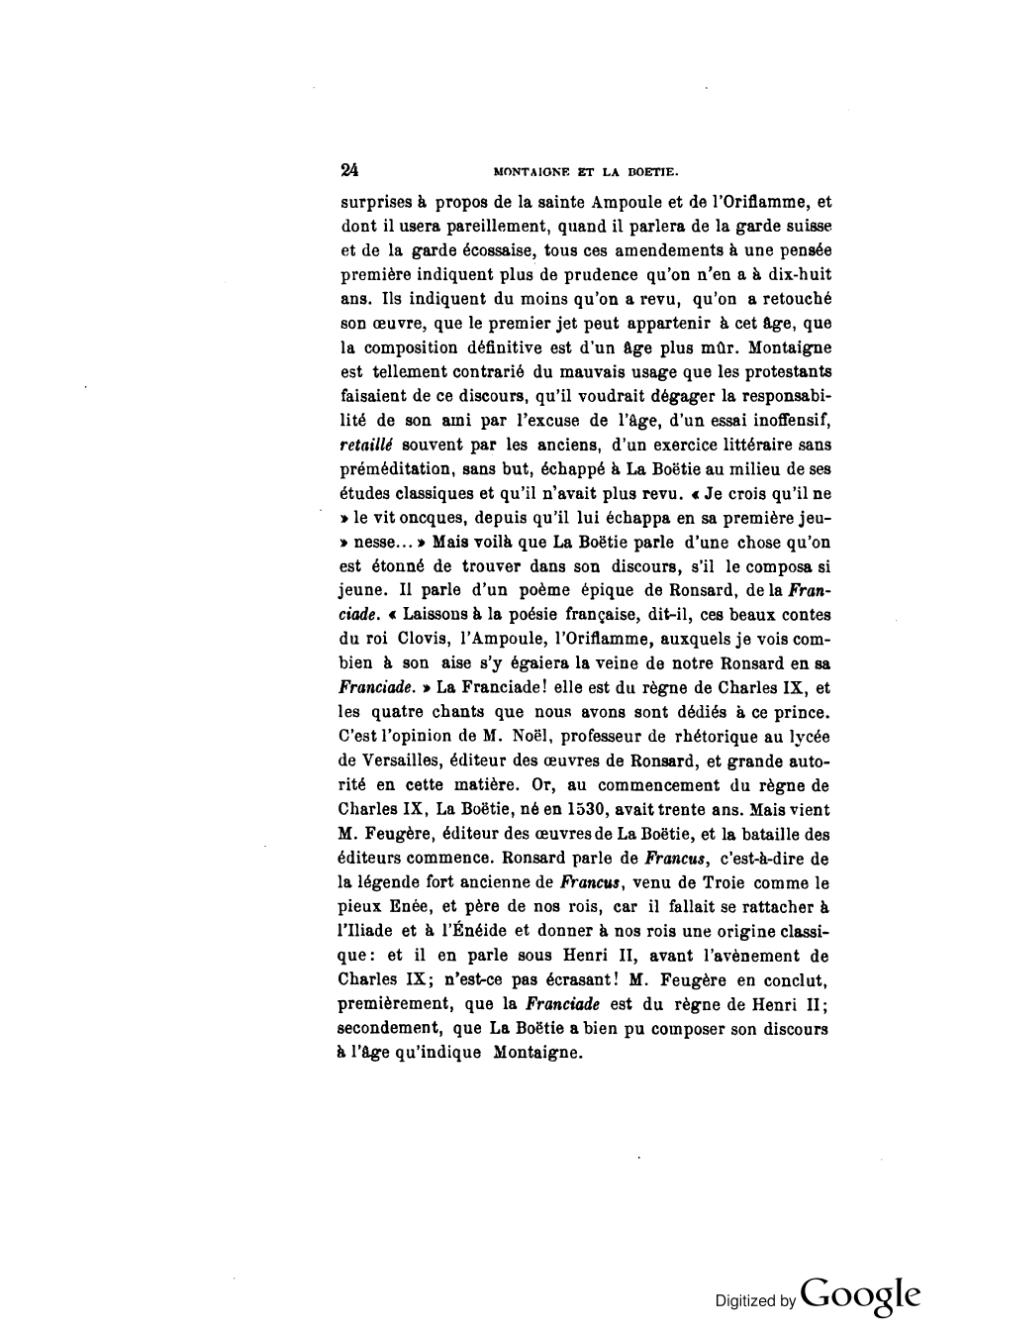 Page Combes Essai Sur Les Idees Politiques De Montaigne Et La